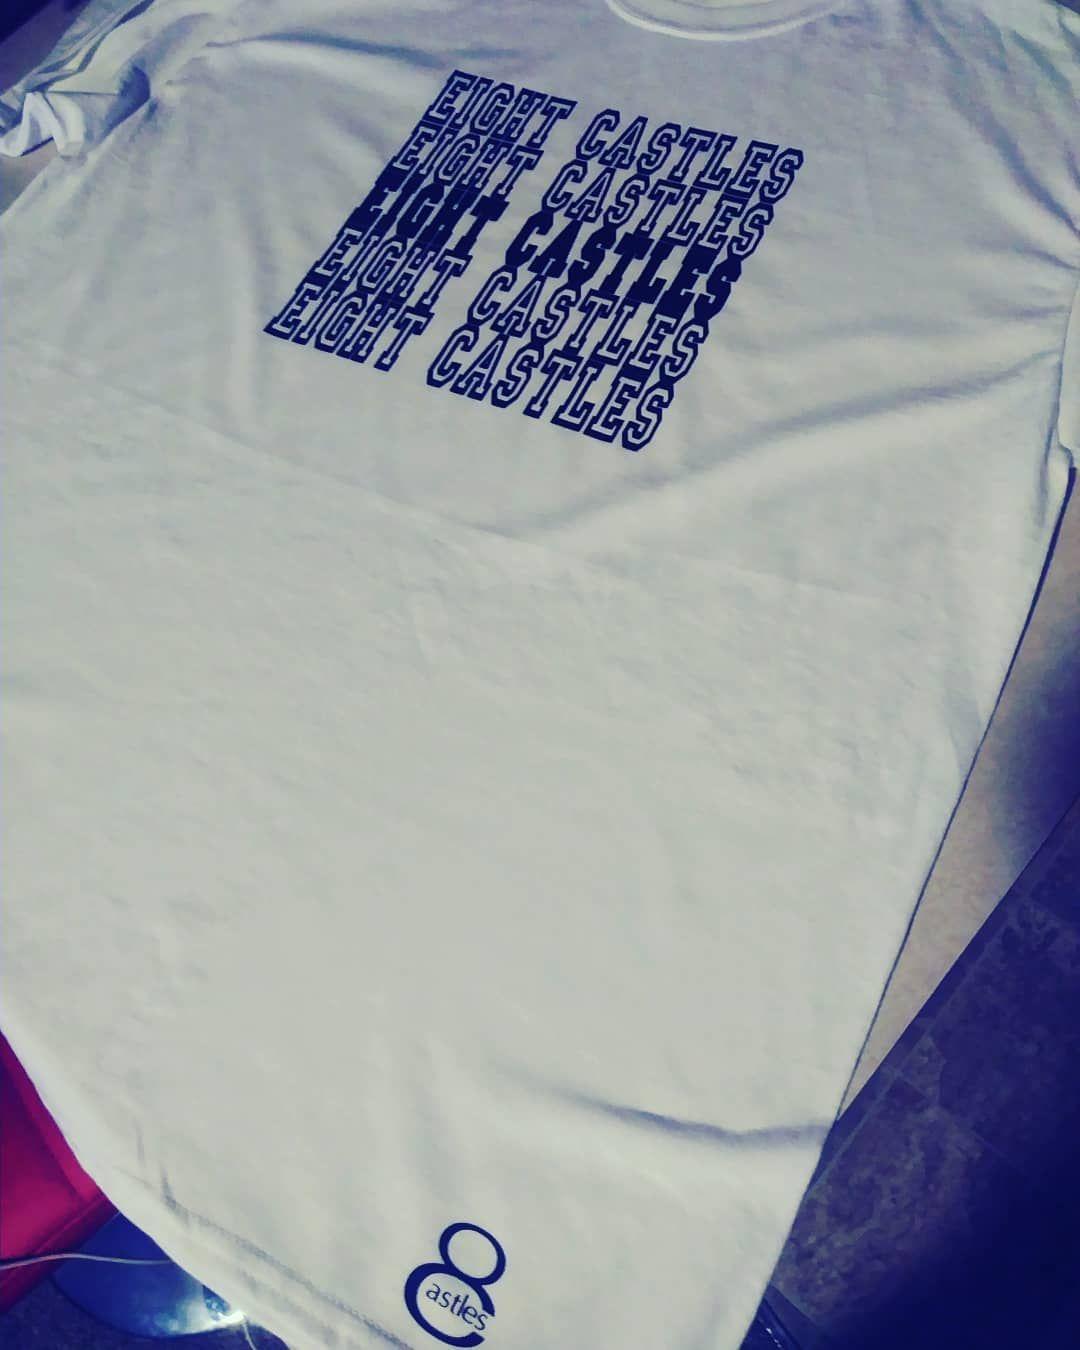 Tshirt by @8castleshirts